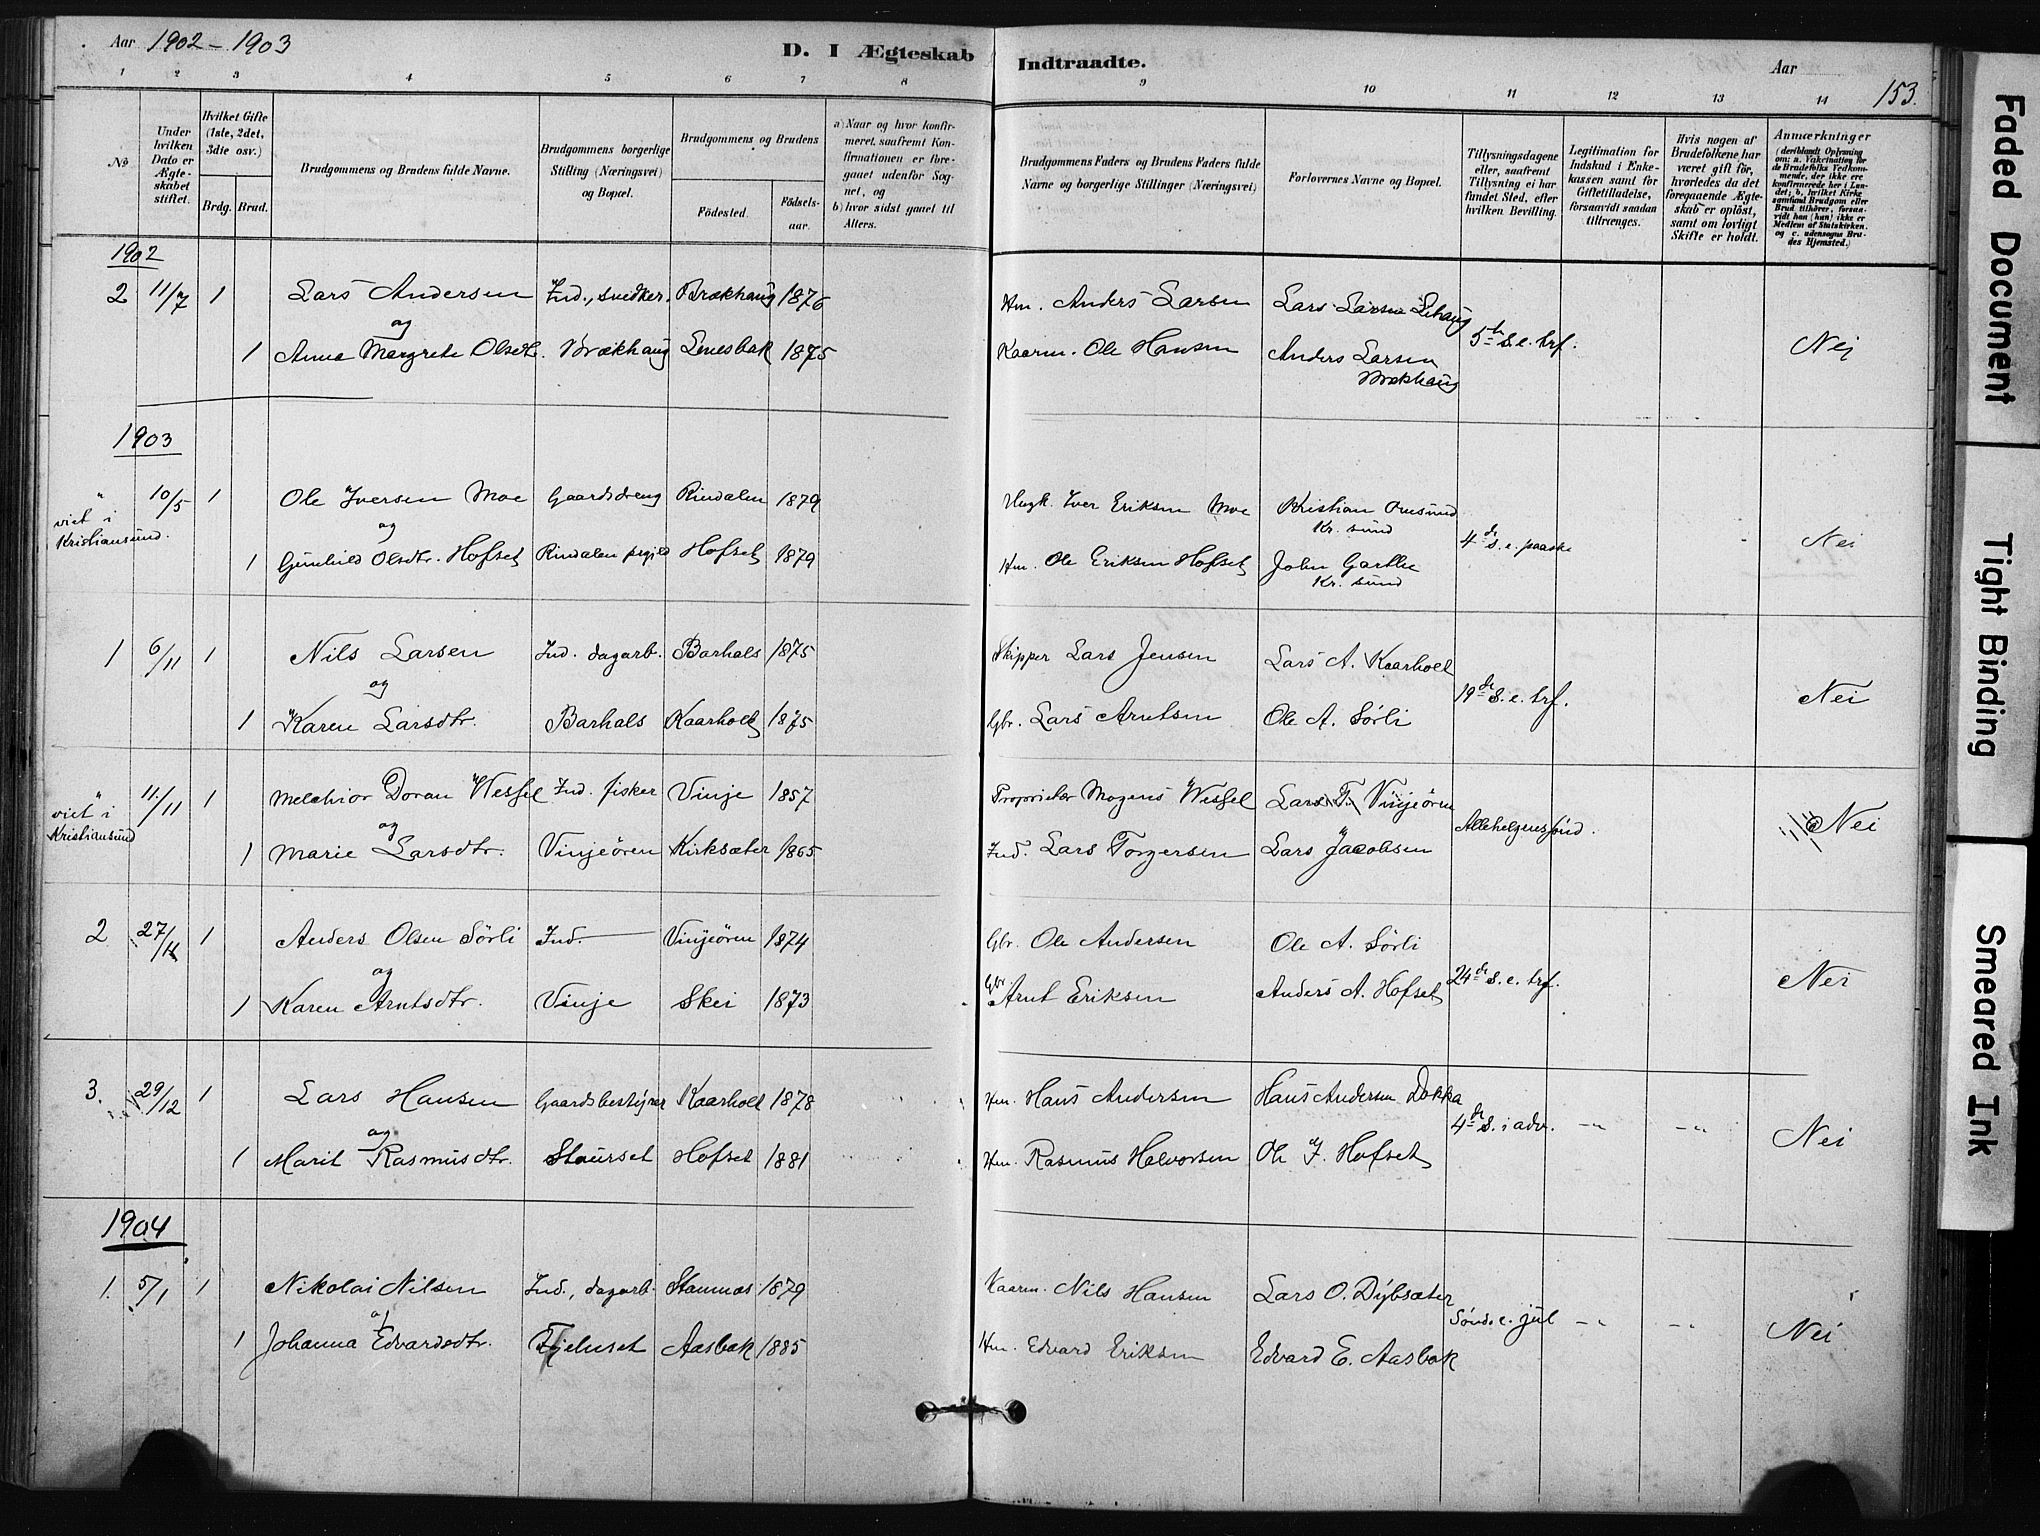 SAT, Ministerialprotokoller, klokkerbøker og fødselsregistre - Sør-Trøndelag, 631/L0512: Ministerialbok nr. 631A01, 1879-1912, s. 153